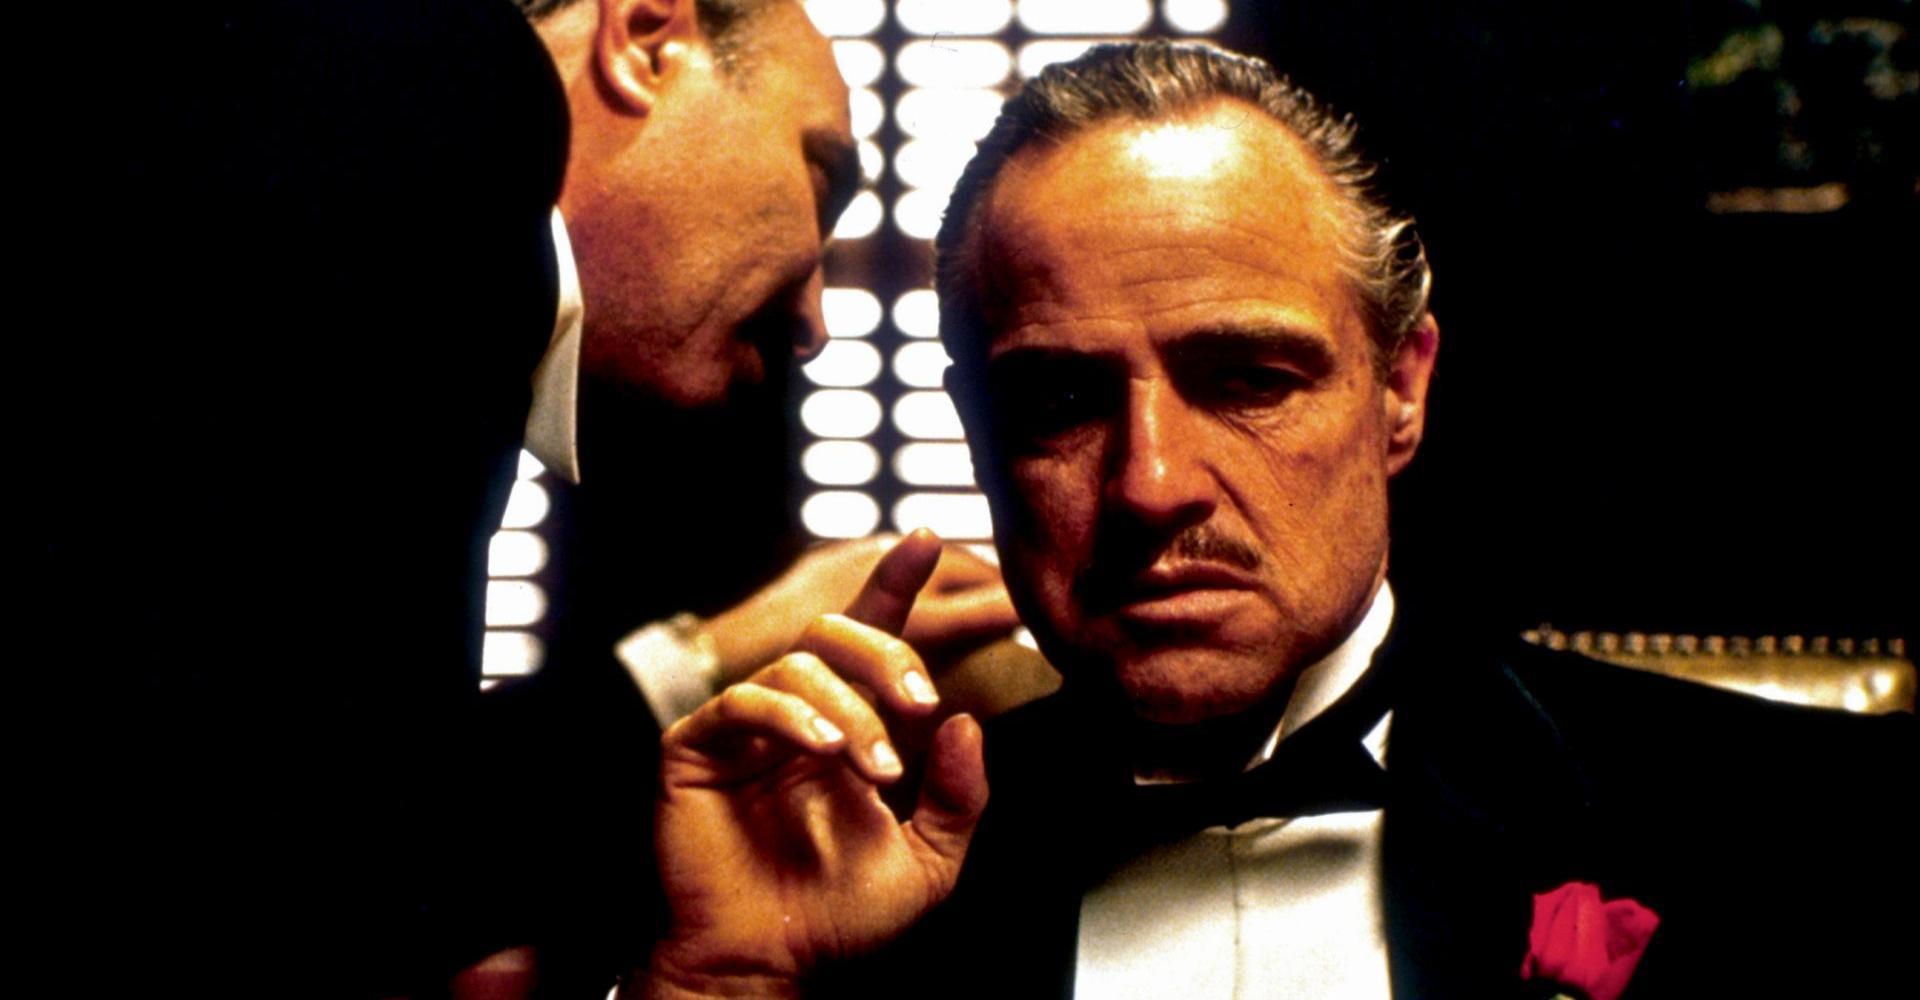 Marlon Brando - Don Corleone